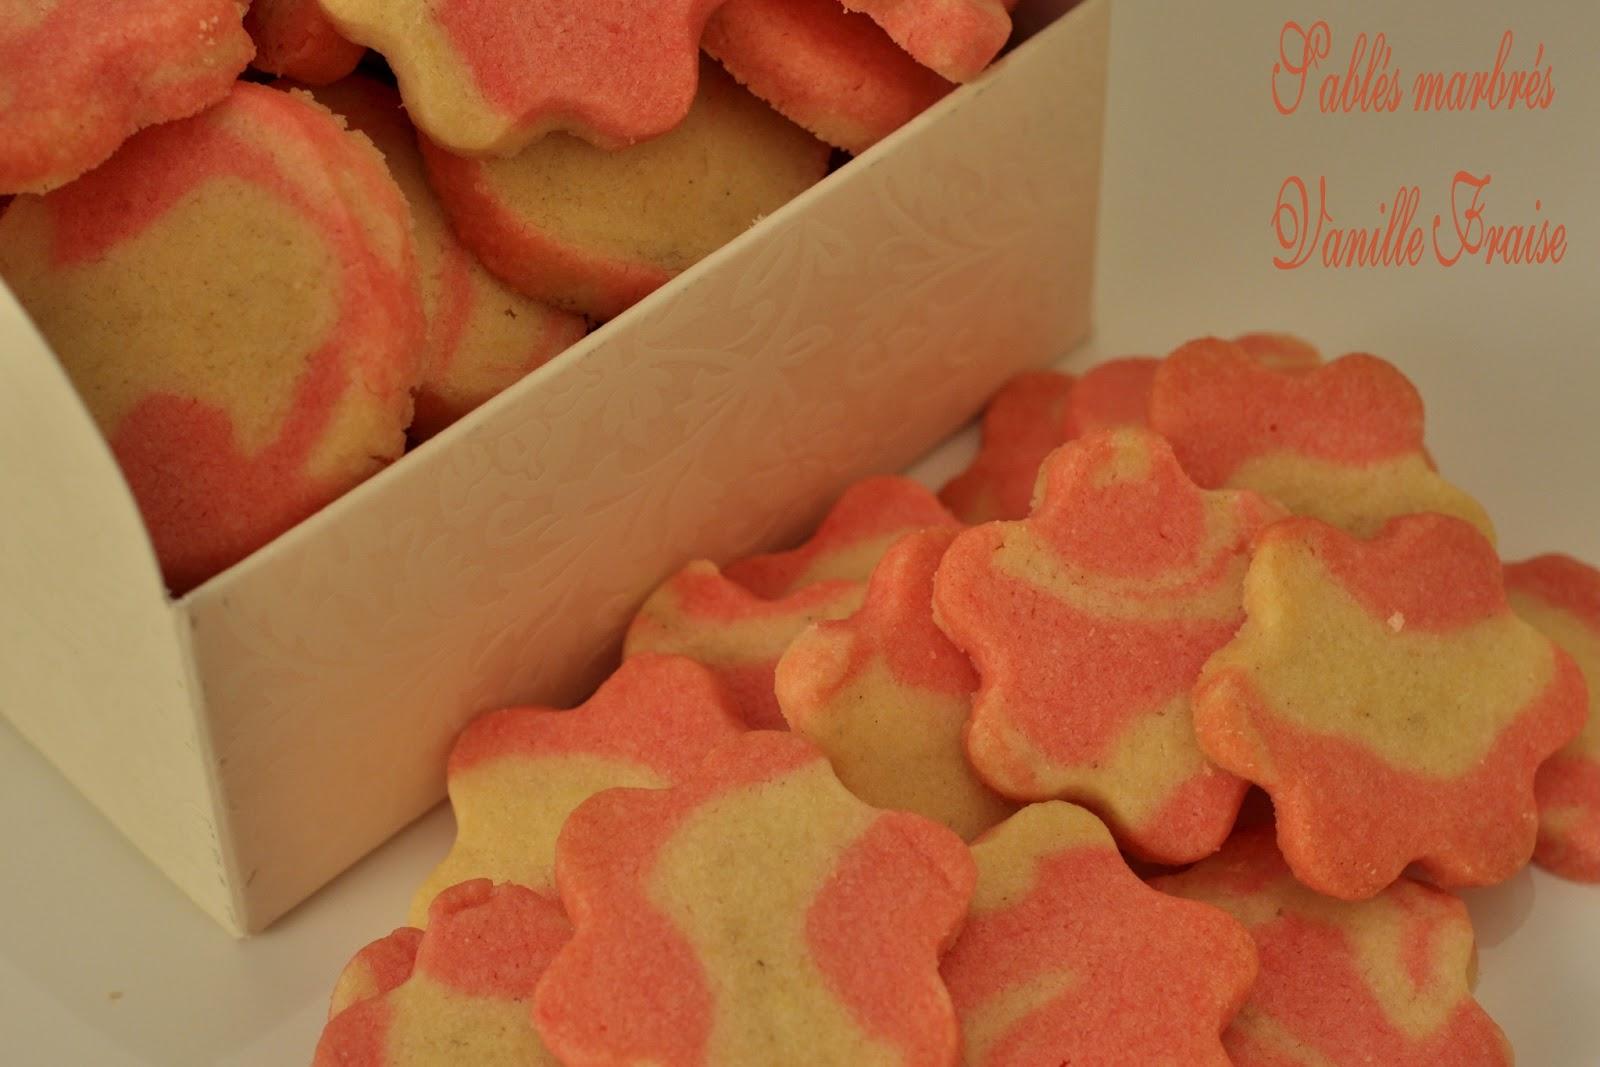 http://de-tambouille-en-barbouille.blogspot.com/2013/02/sables-marbres-vanille-fraise.html